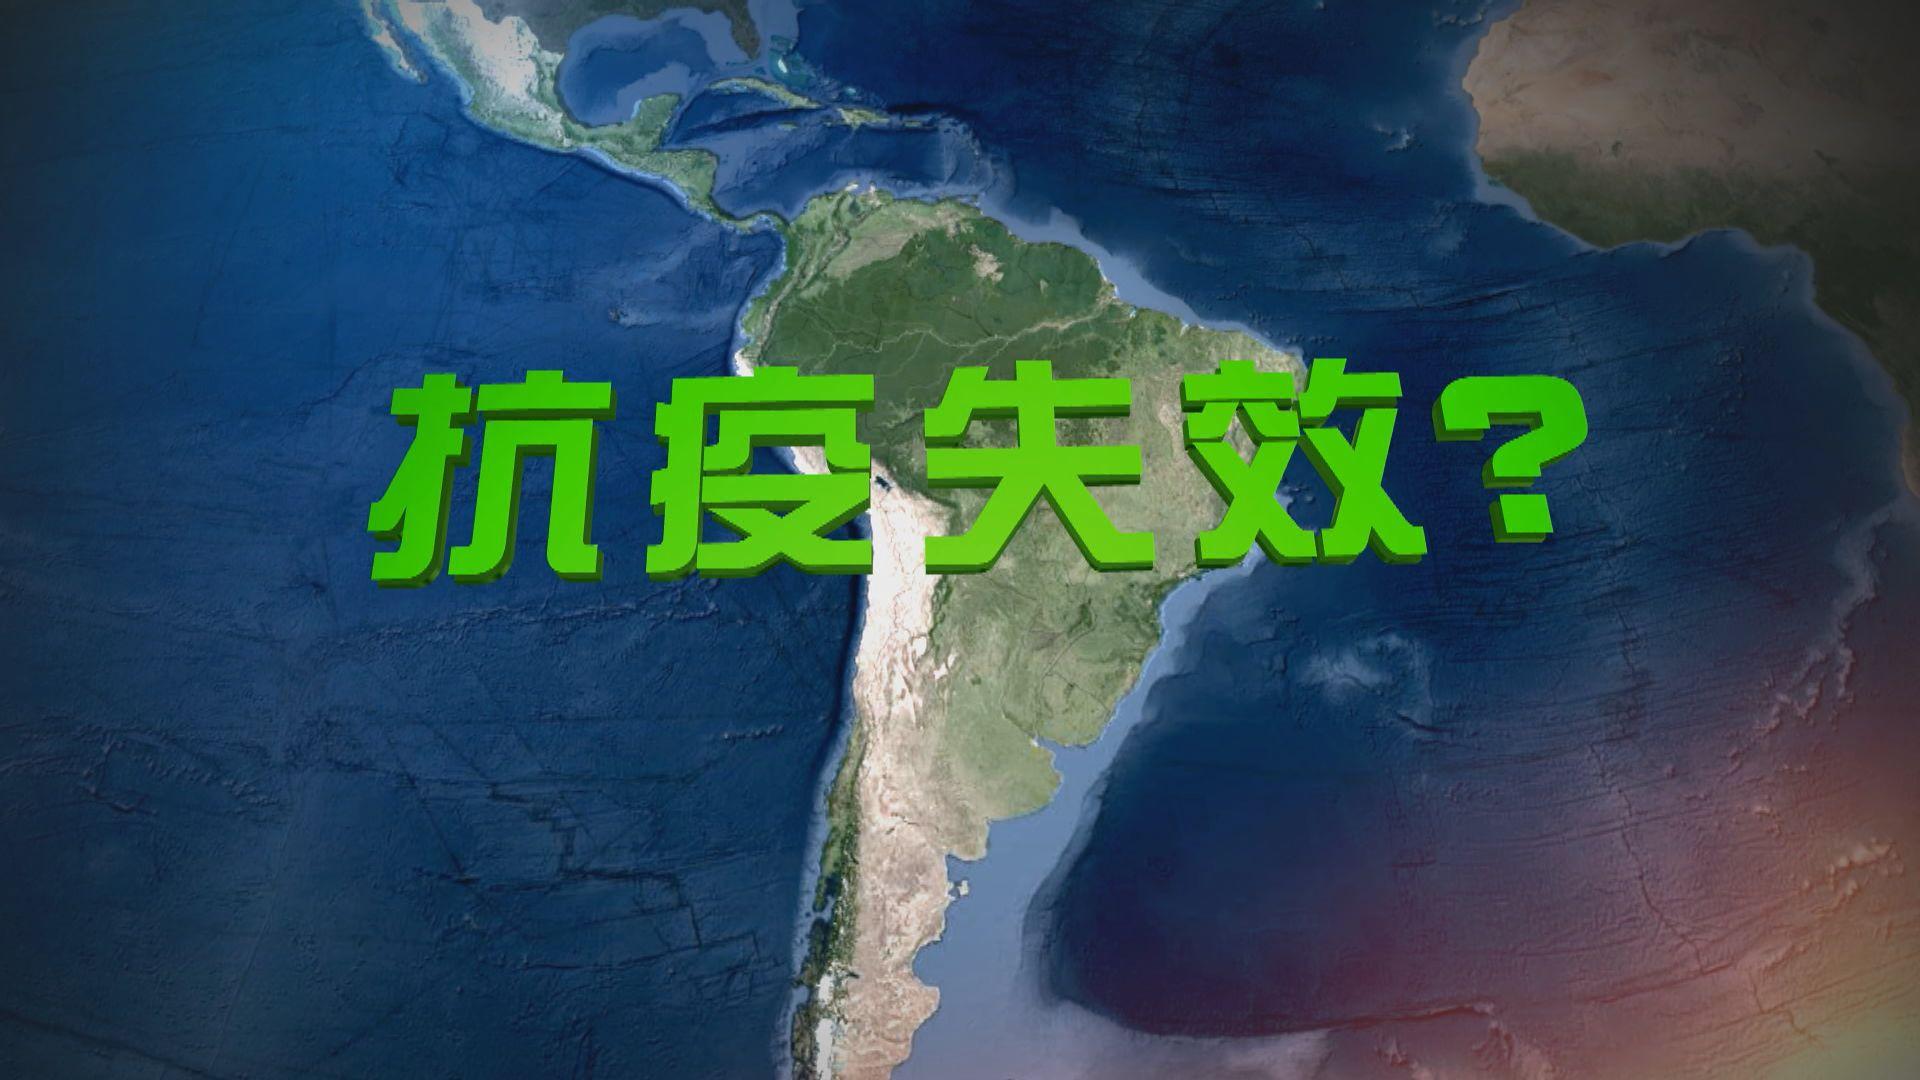 【新聞智庫】拉丁美洲成新冠病毒新震央 抗疫失效?